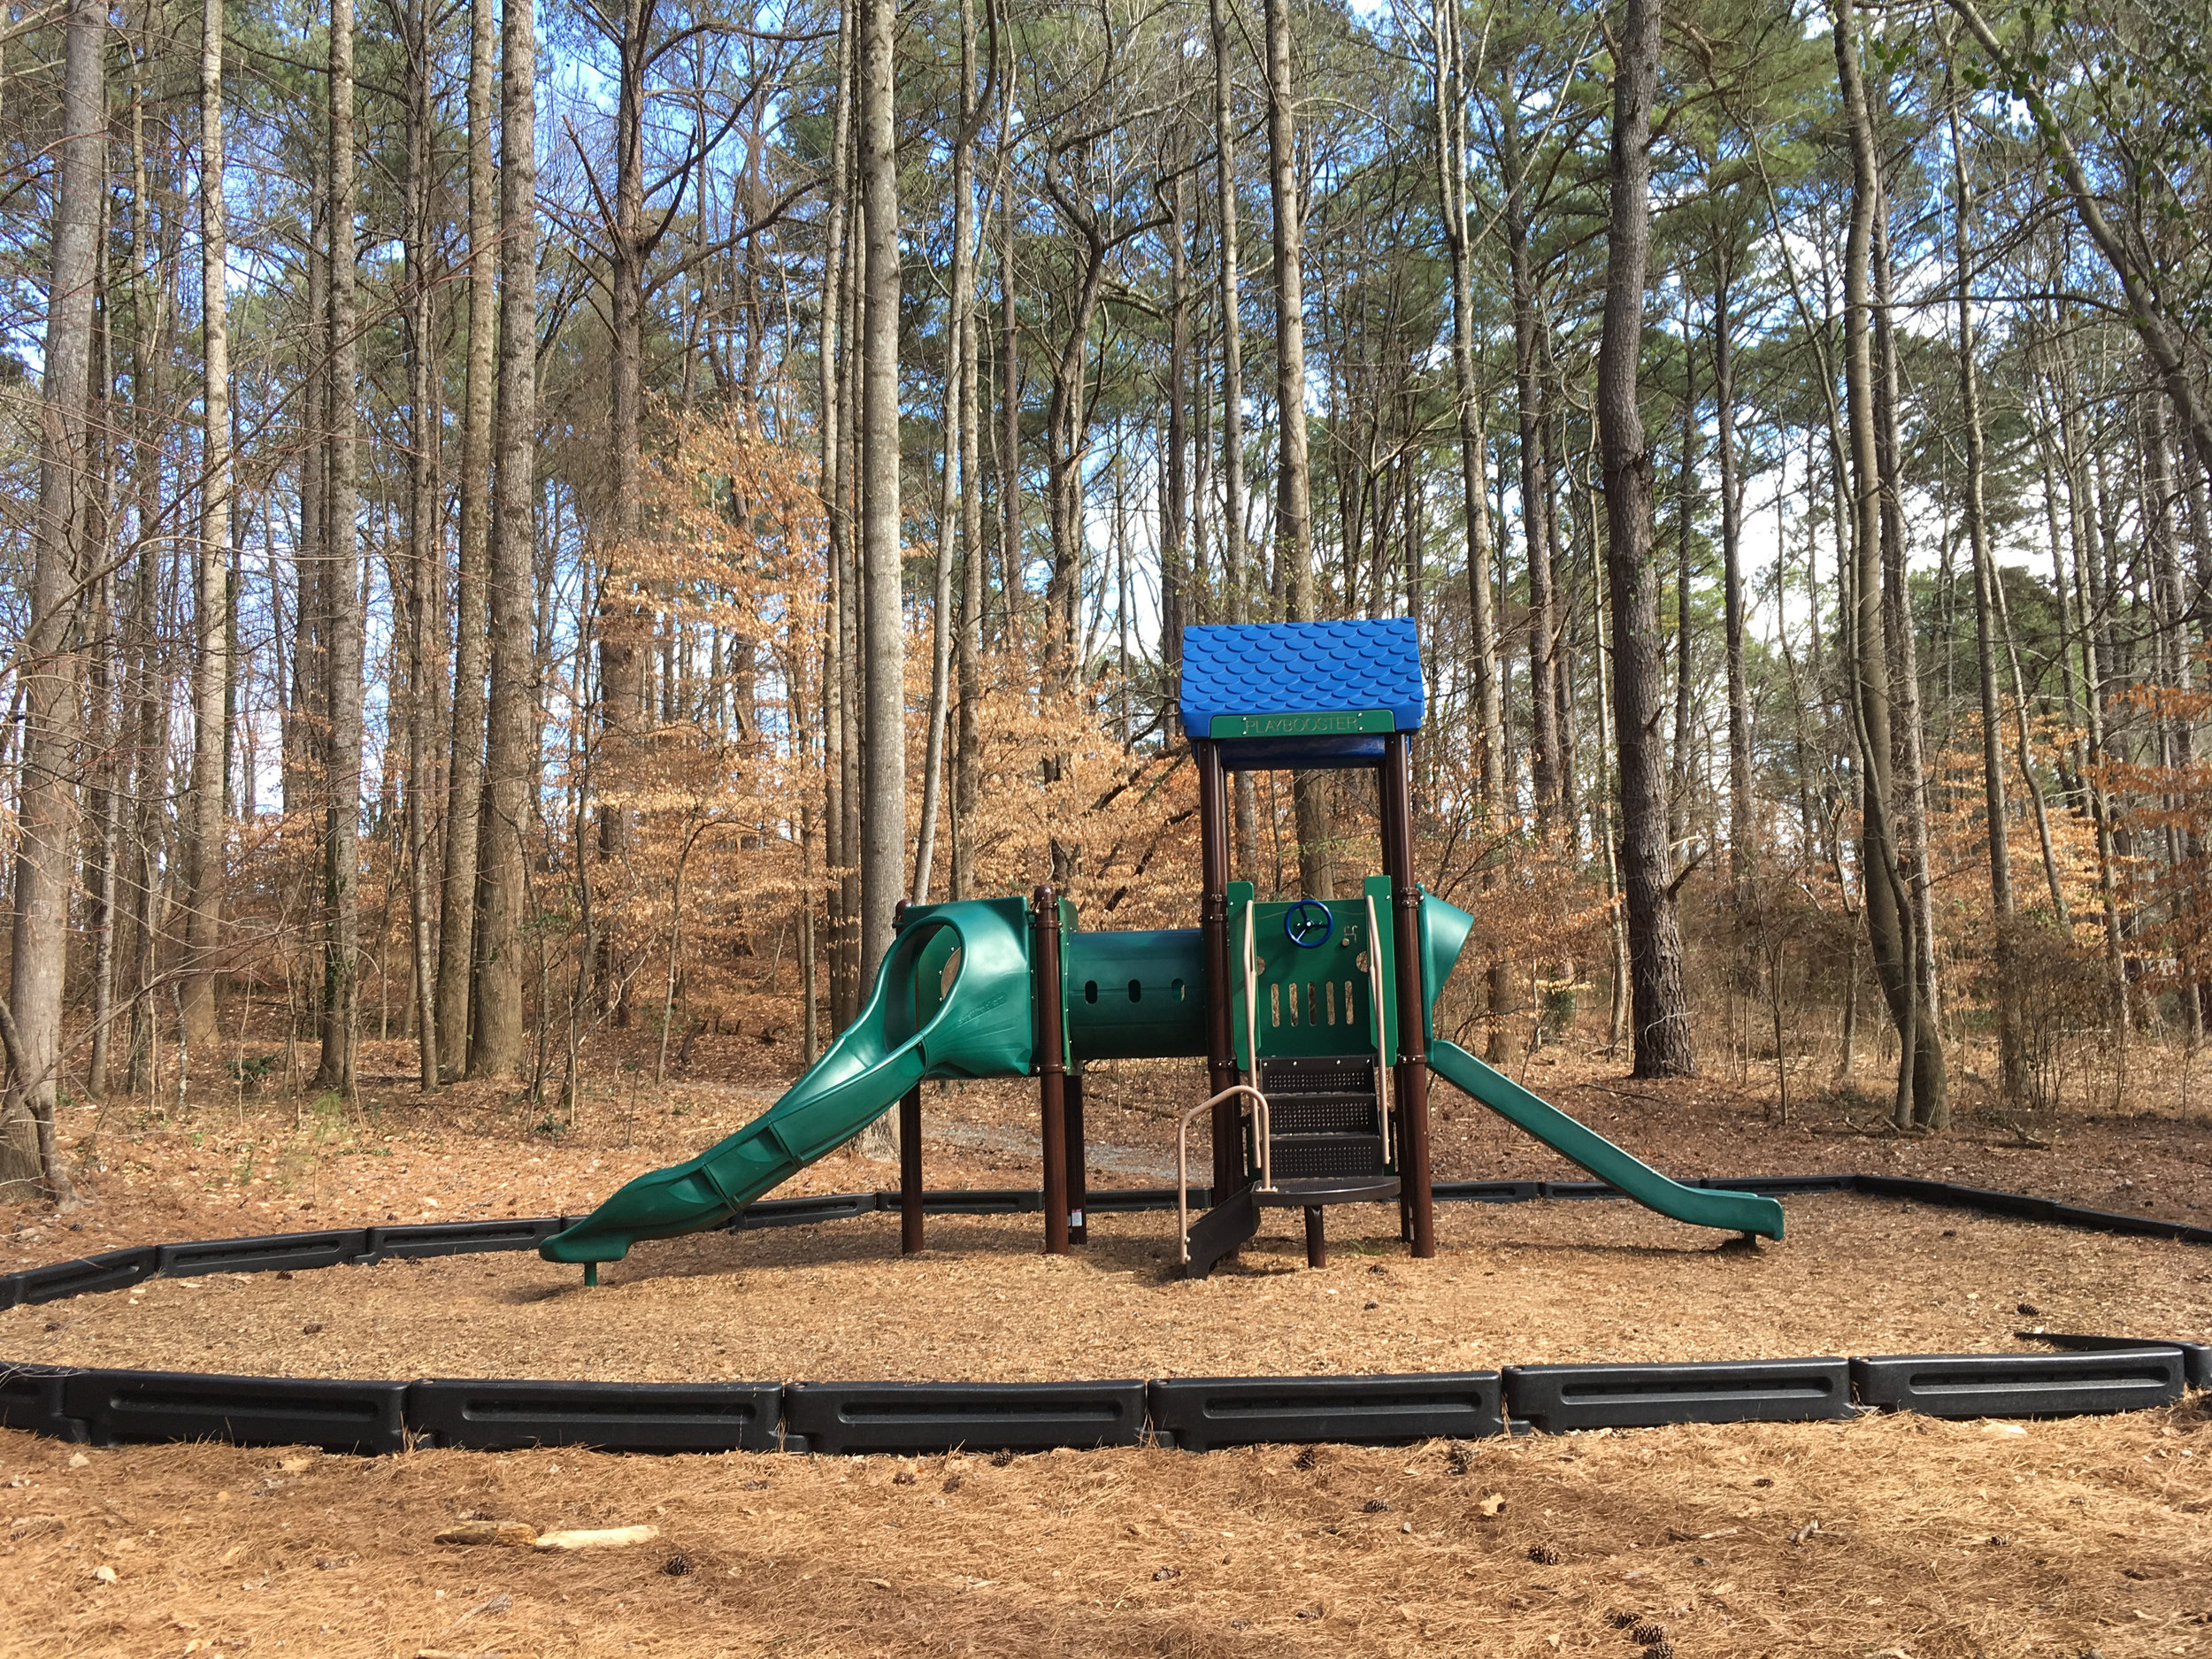 Playground, February 2, 2019